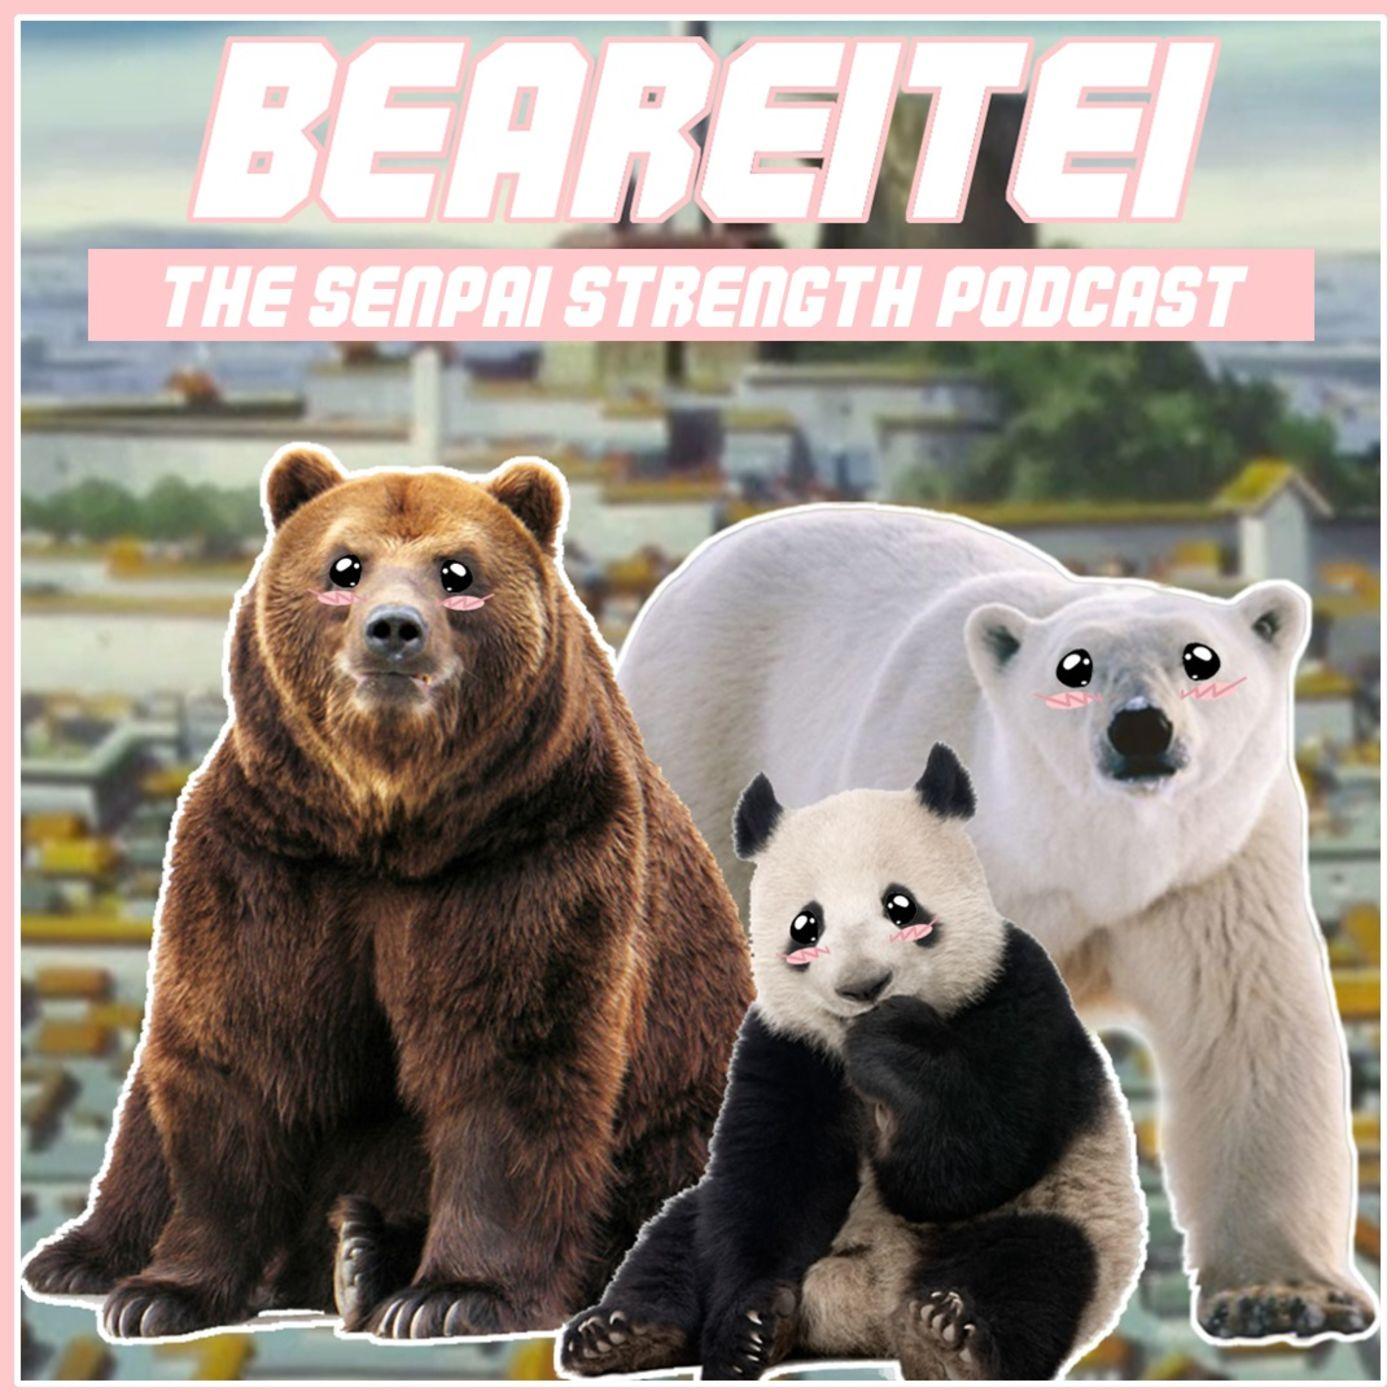 BEAREITEI 03.5: THE BEARS GO TO PRISON